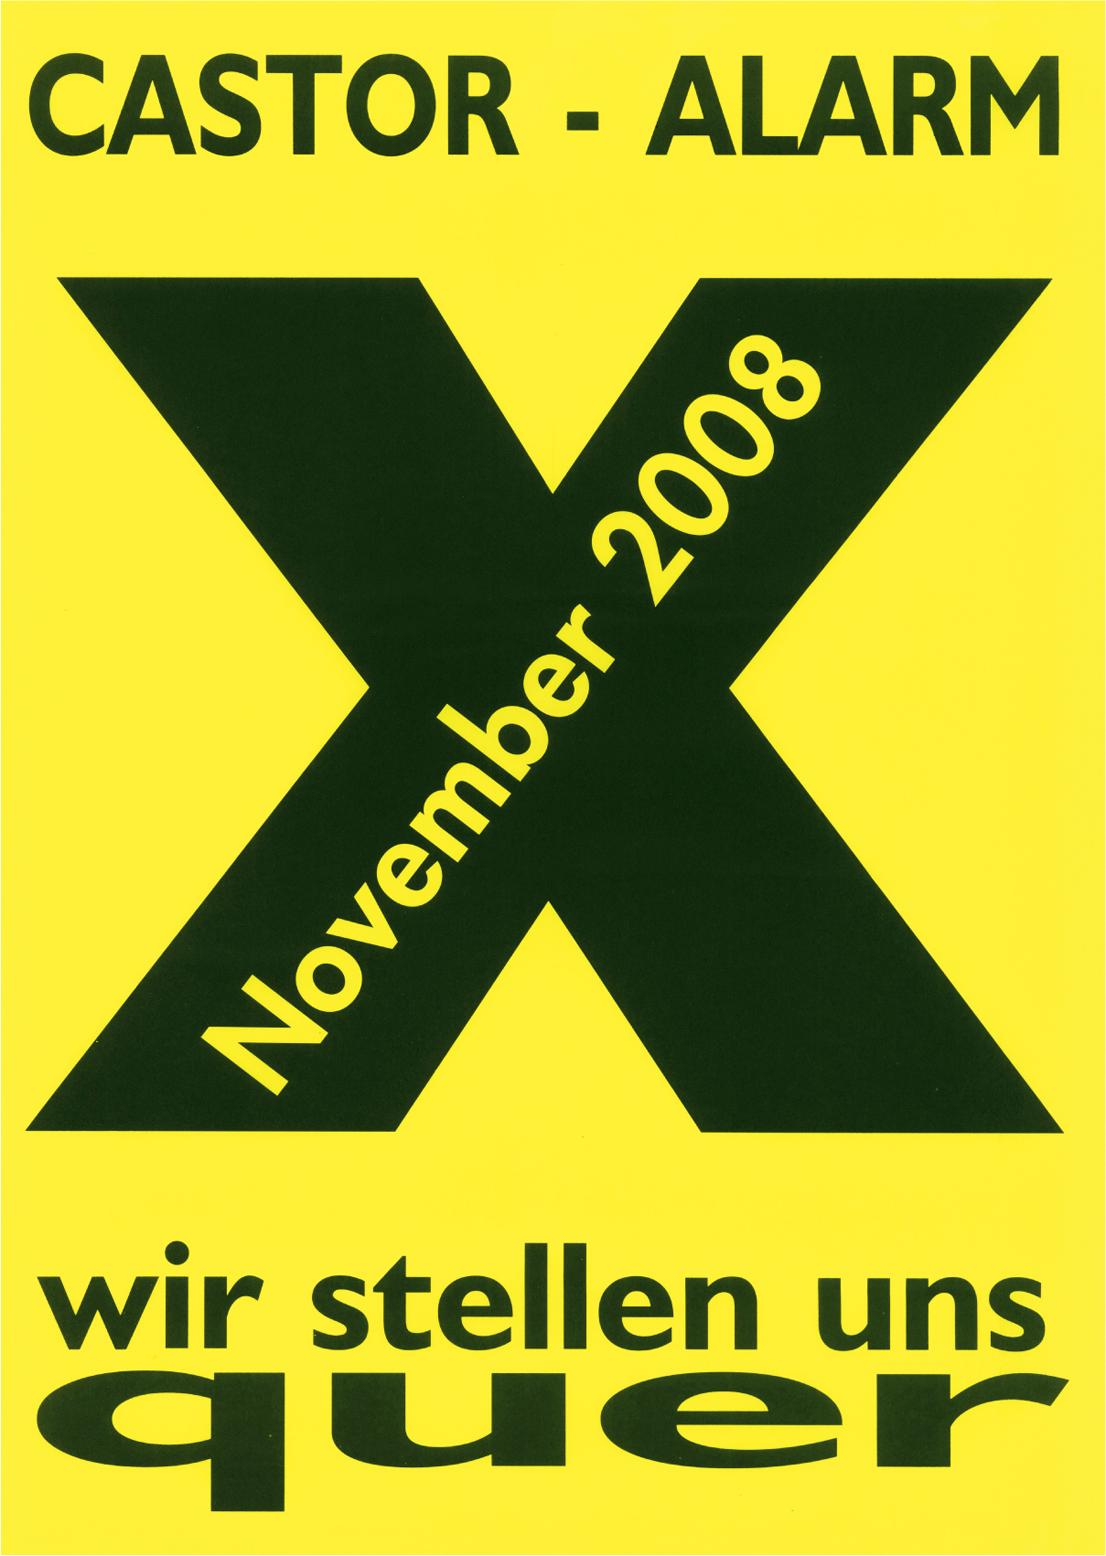 核廃棄物用特殊容器カストーア - 警鐘 X 2008年11月 われわれは 阻止する